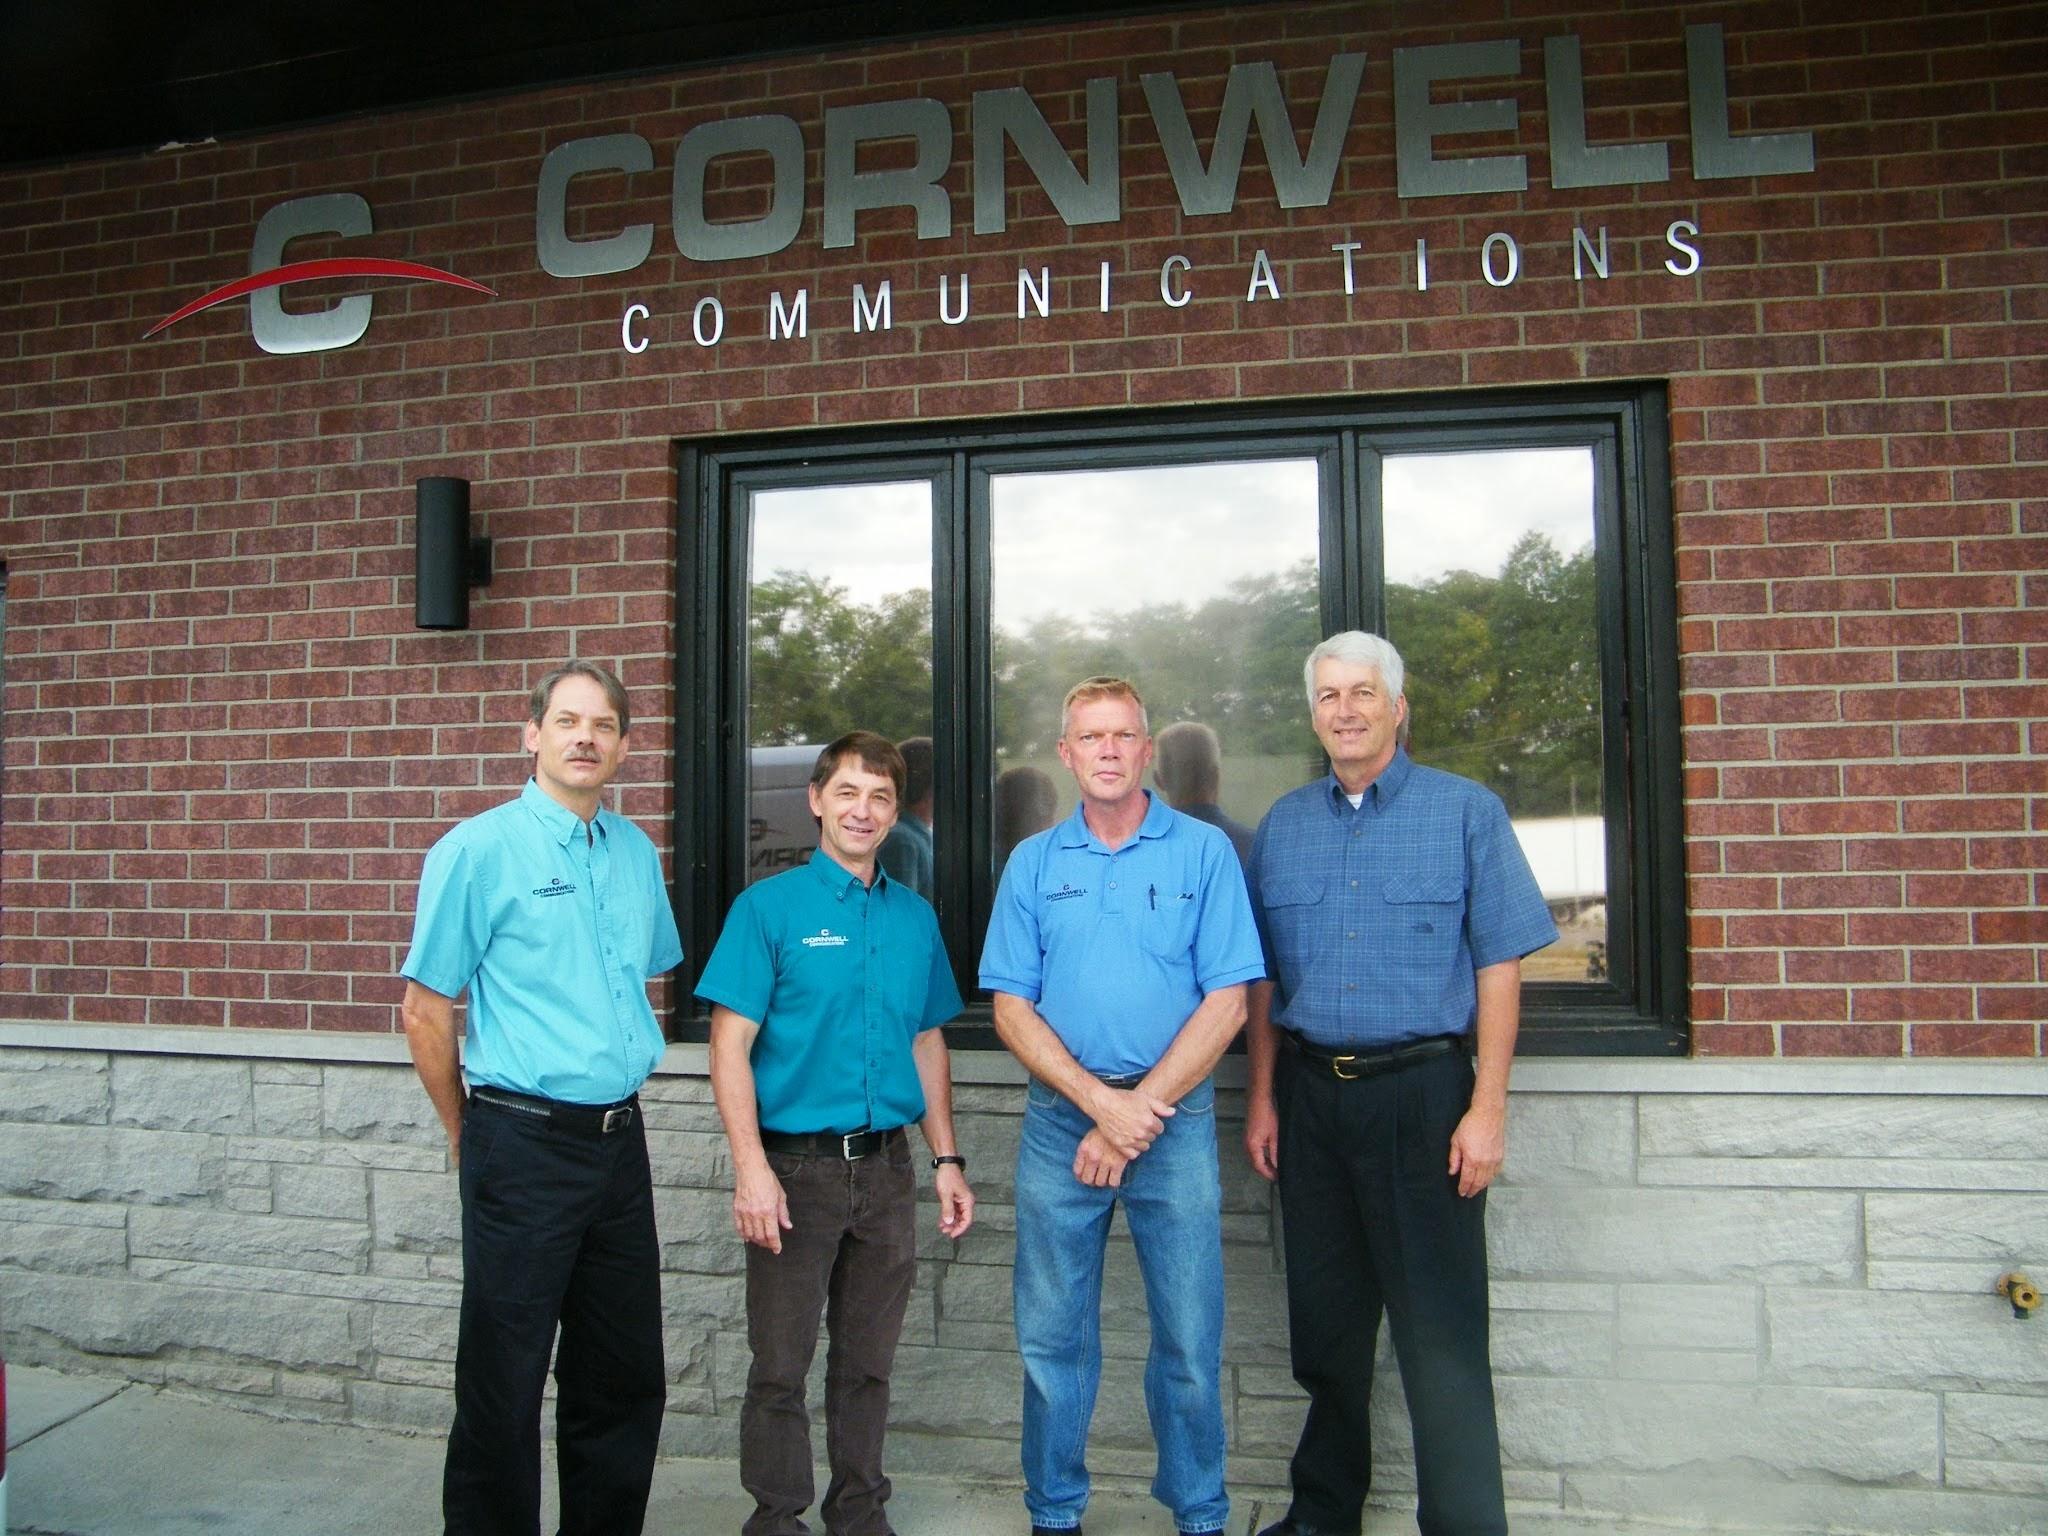 Cornwell Communications